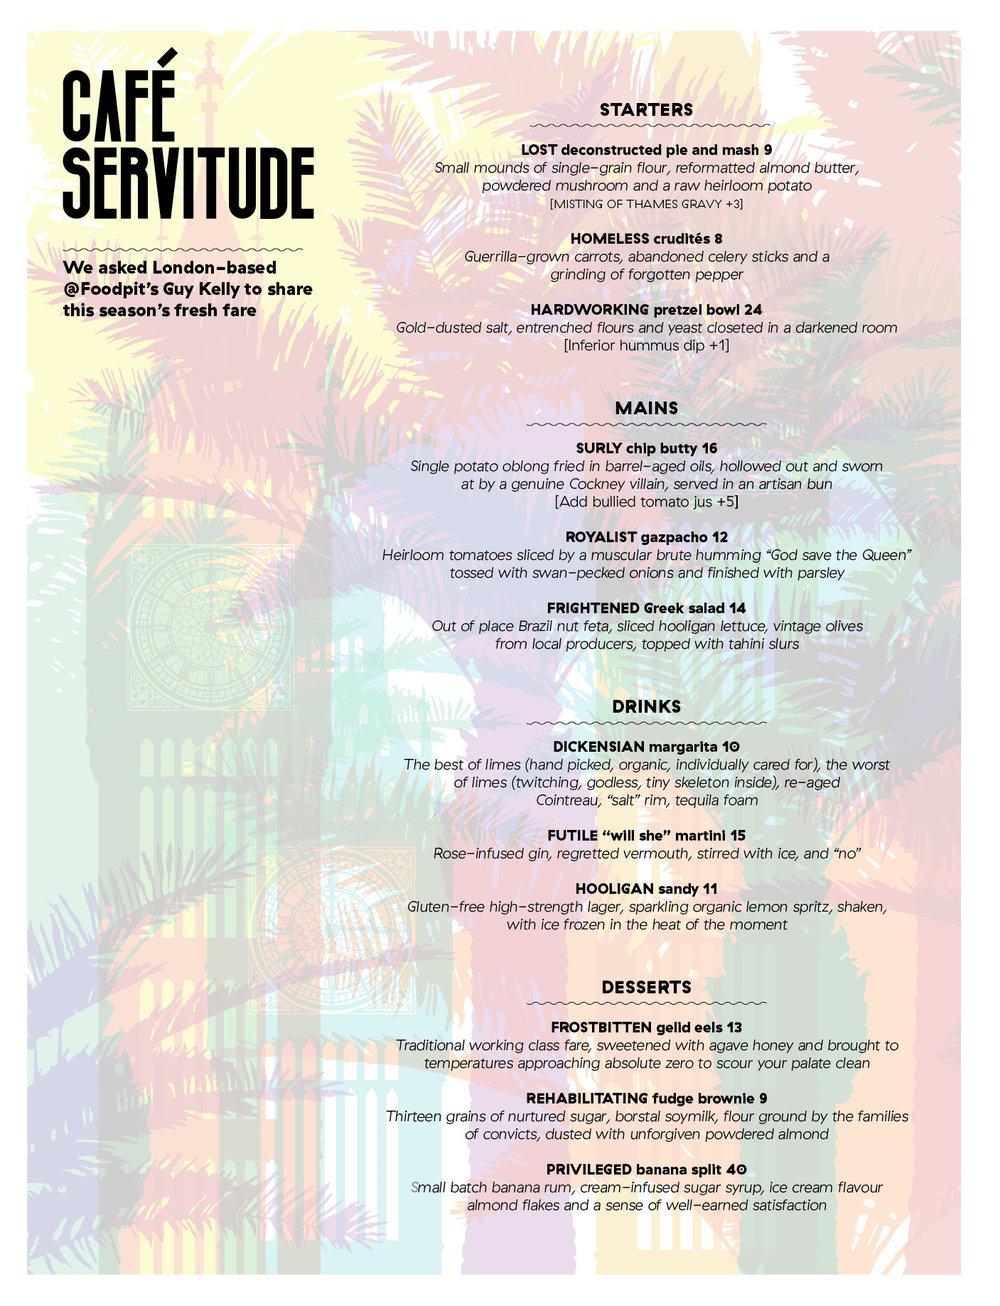 143-Cafe-Servitude.jpg